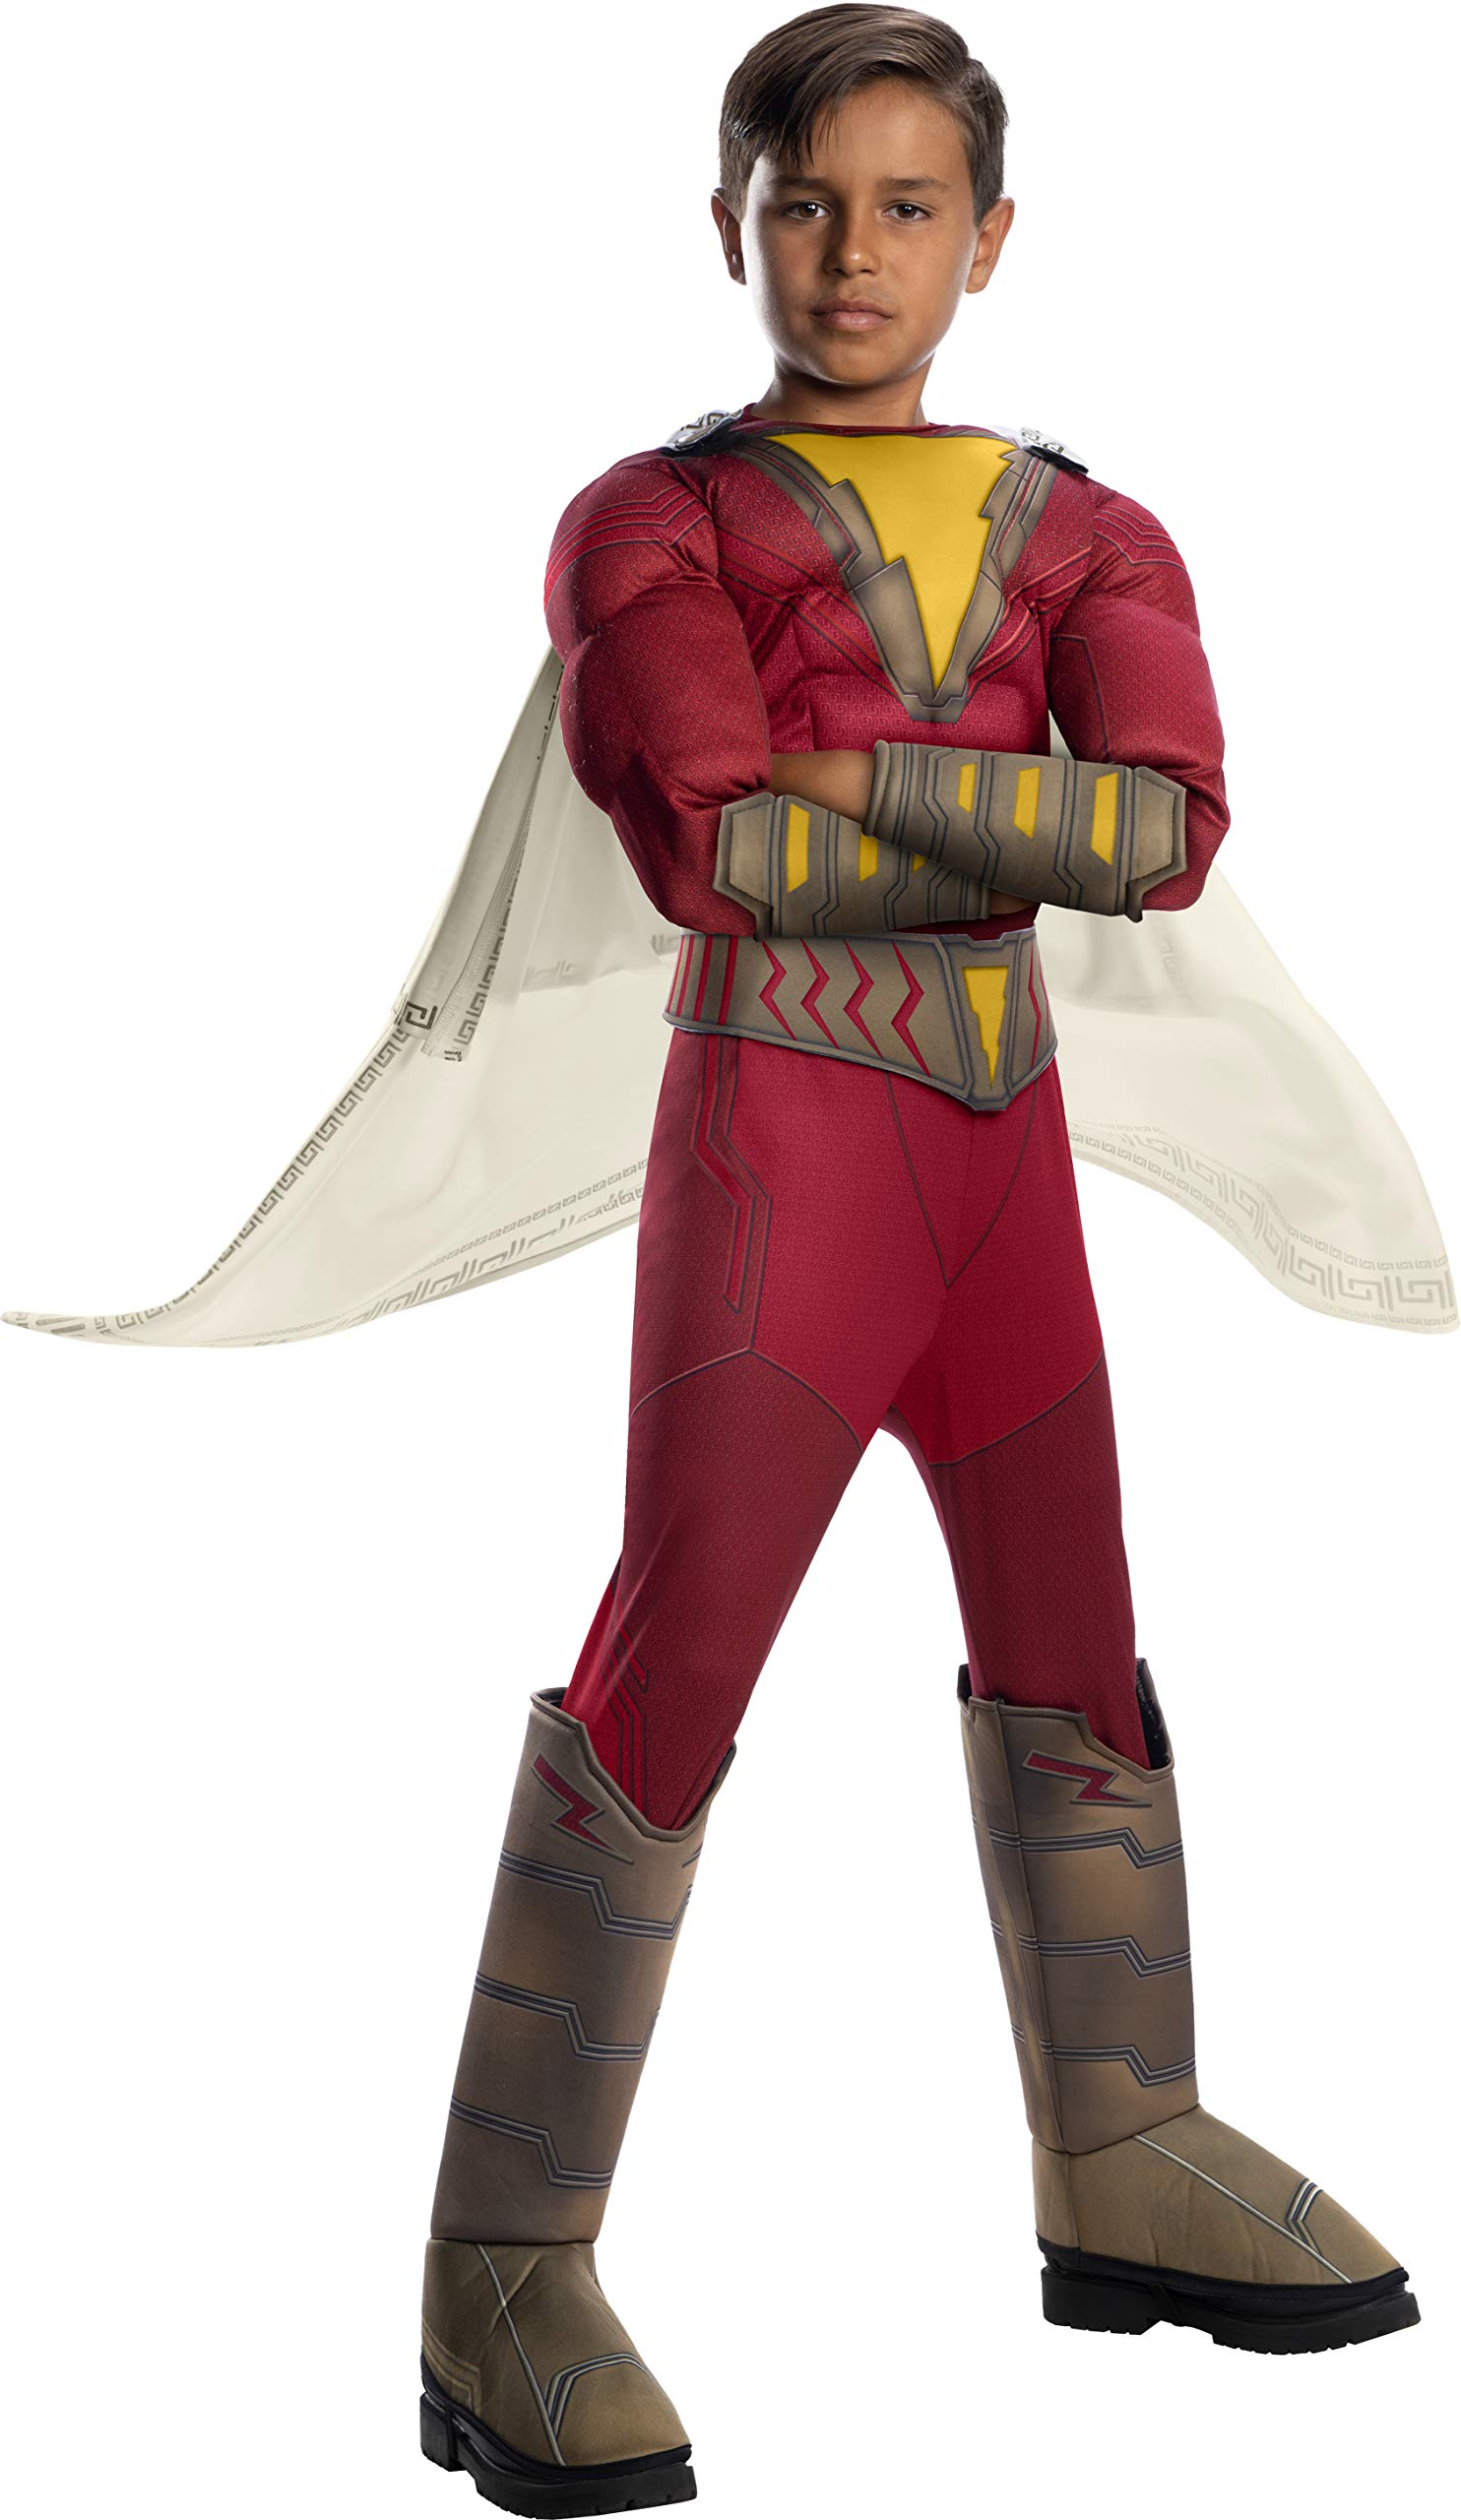 Shazam! Movie Child's Deluxe Shazam Costume, Small